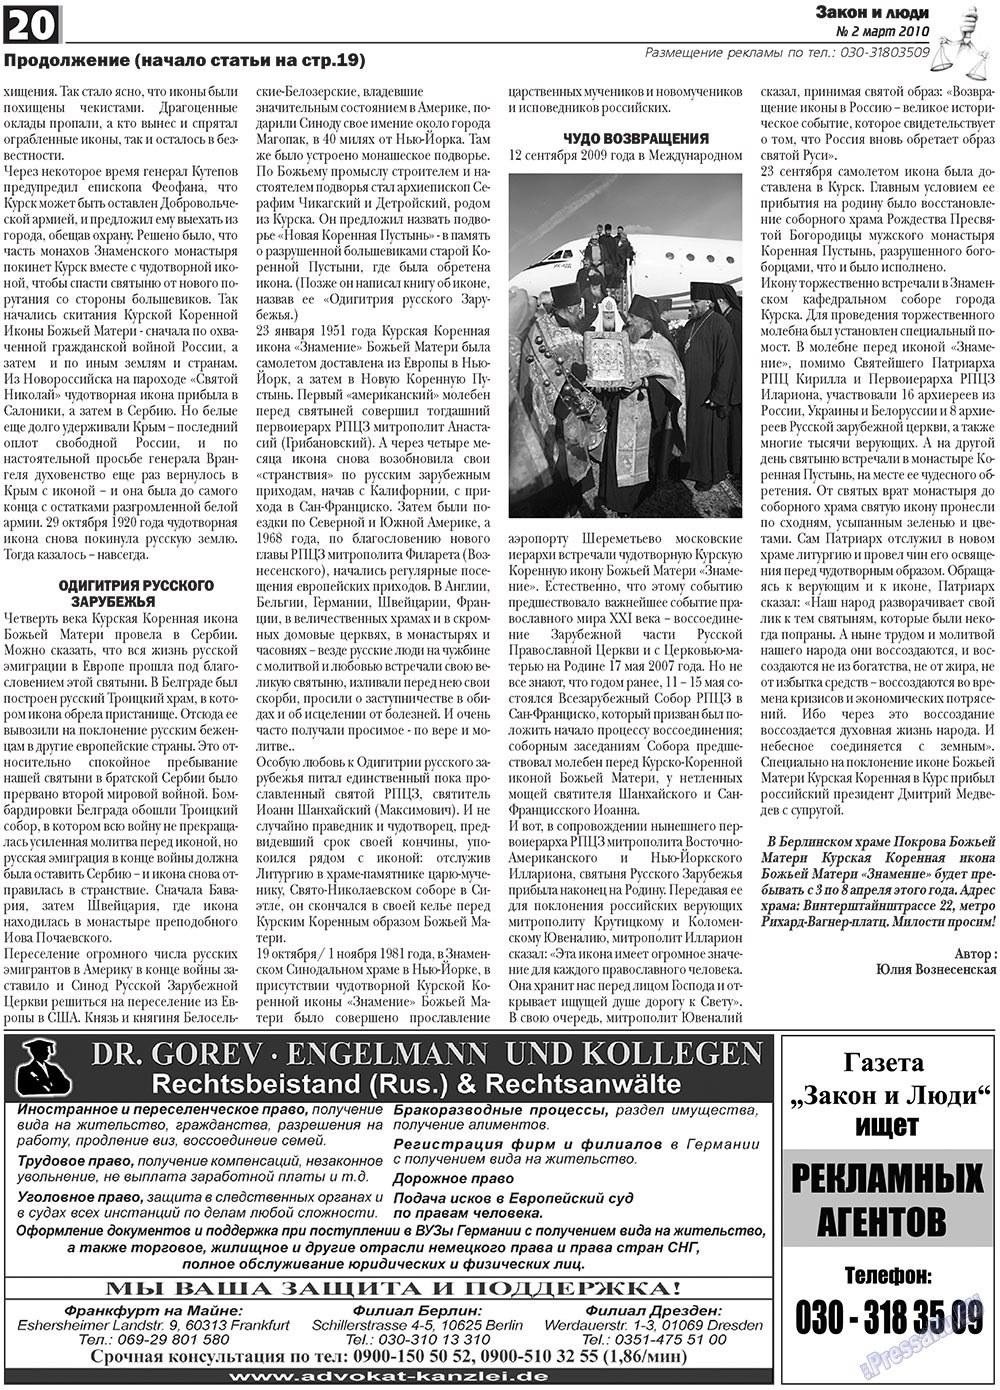 Закон и люди (газета). 2010 год, номер 2, стр. 20